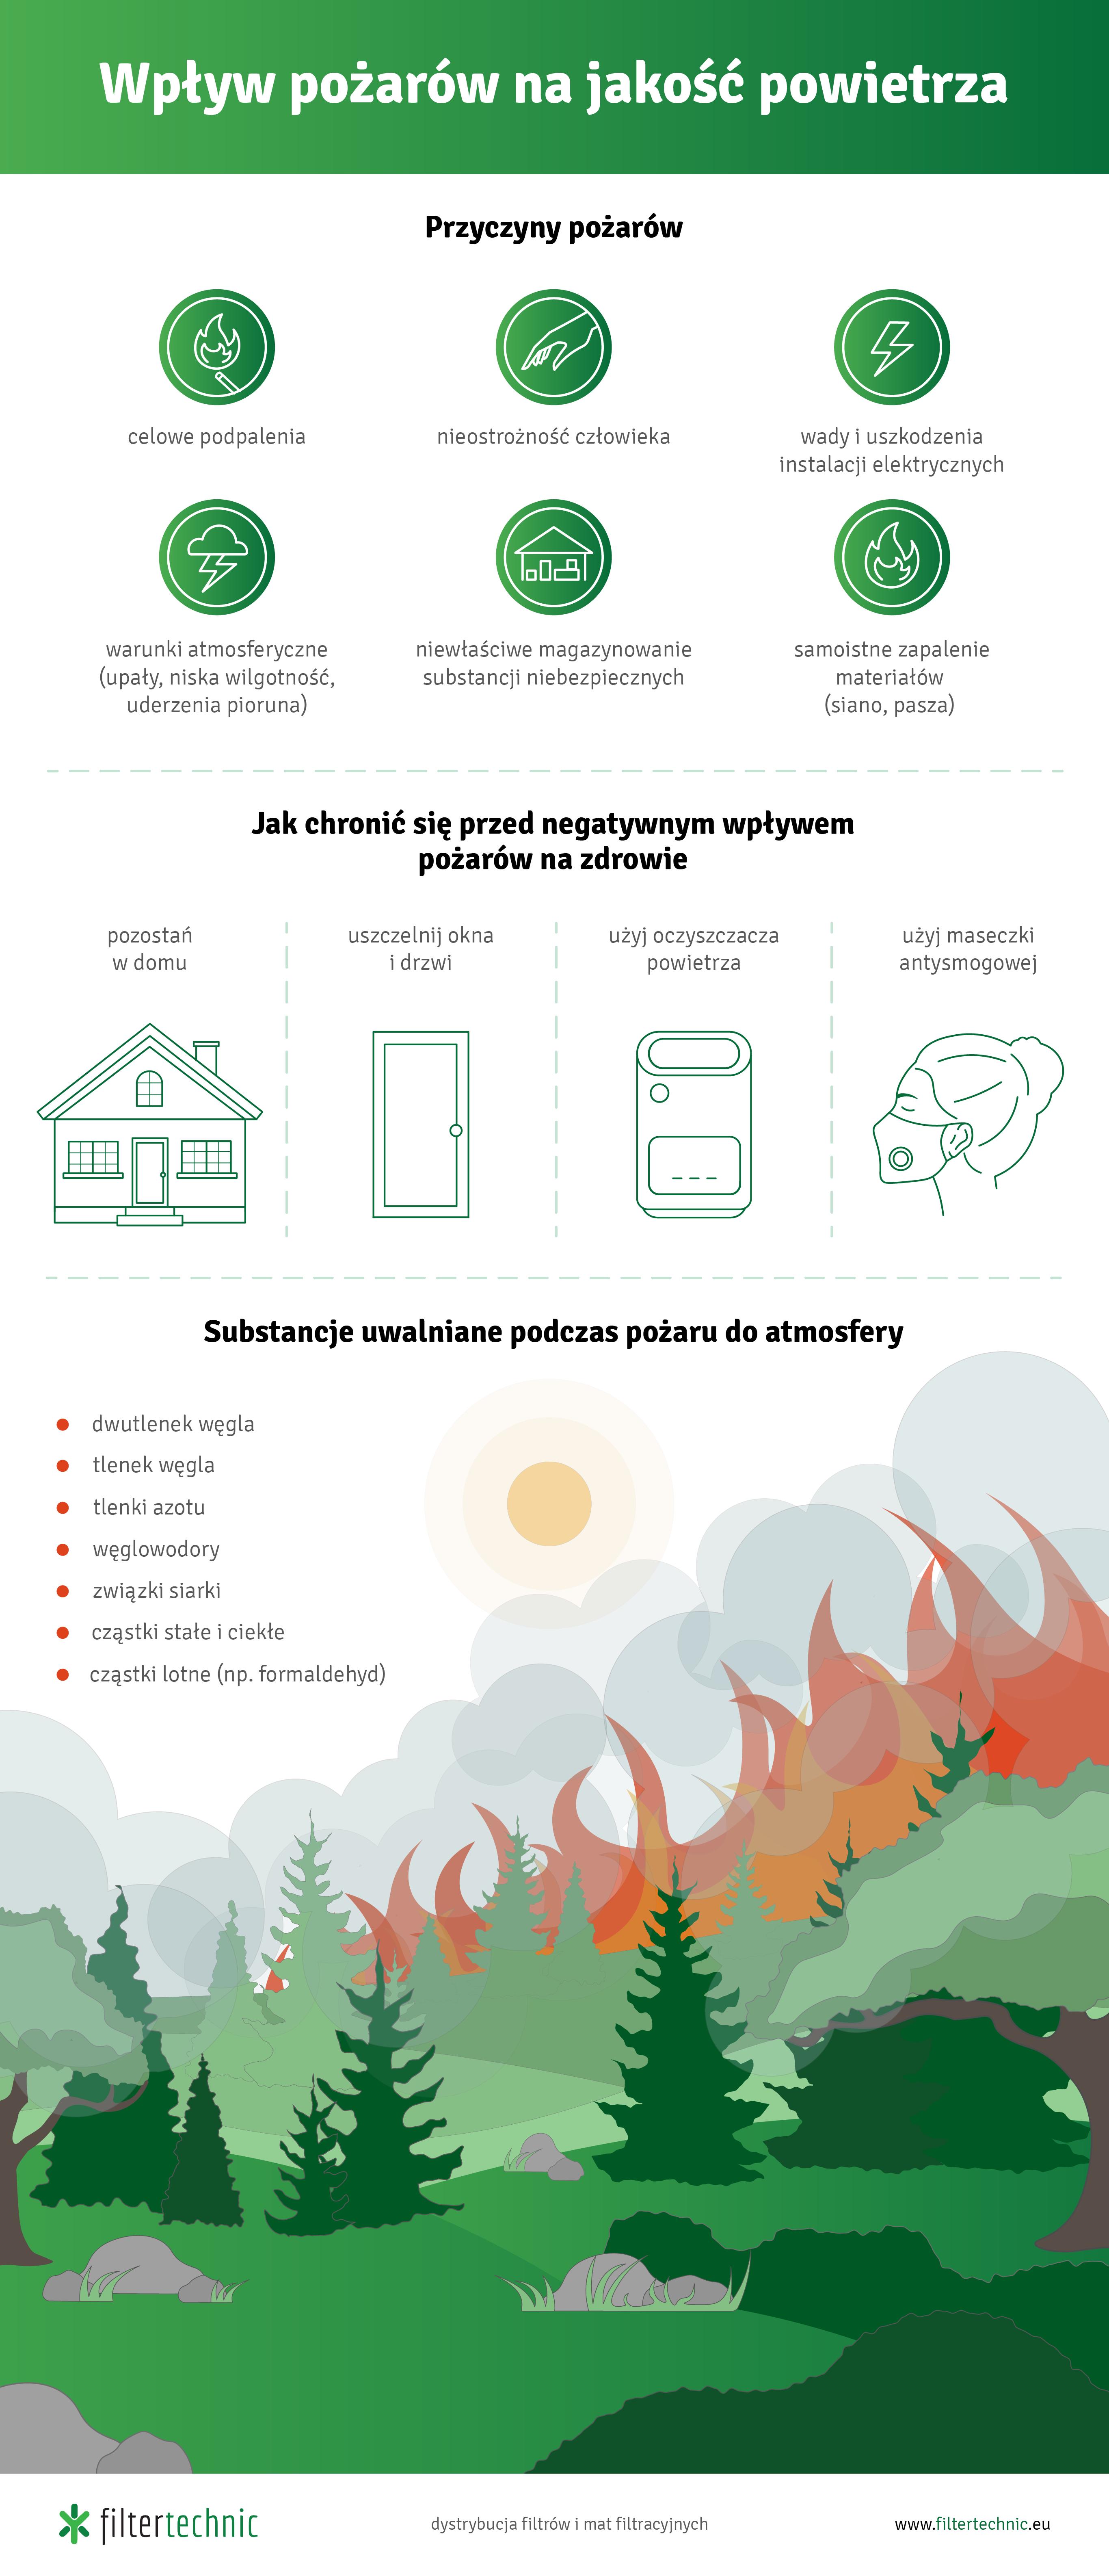 Infografika - wpływ pożarów na jakość powietrza